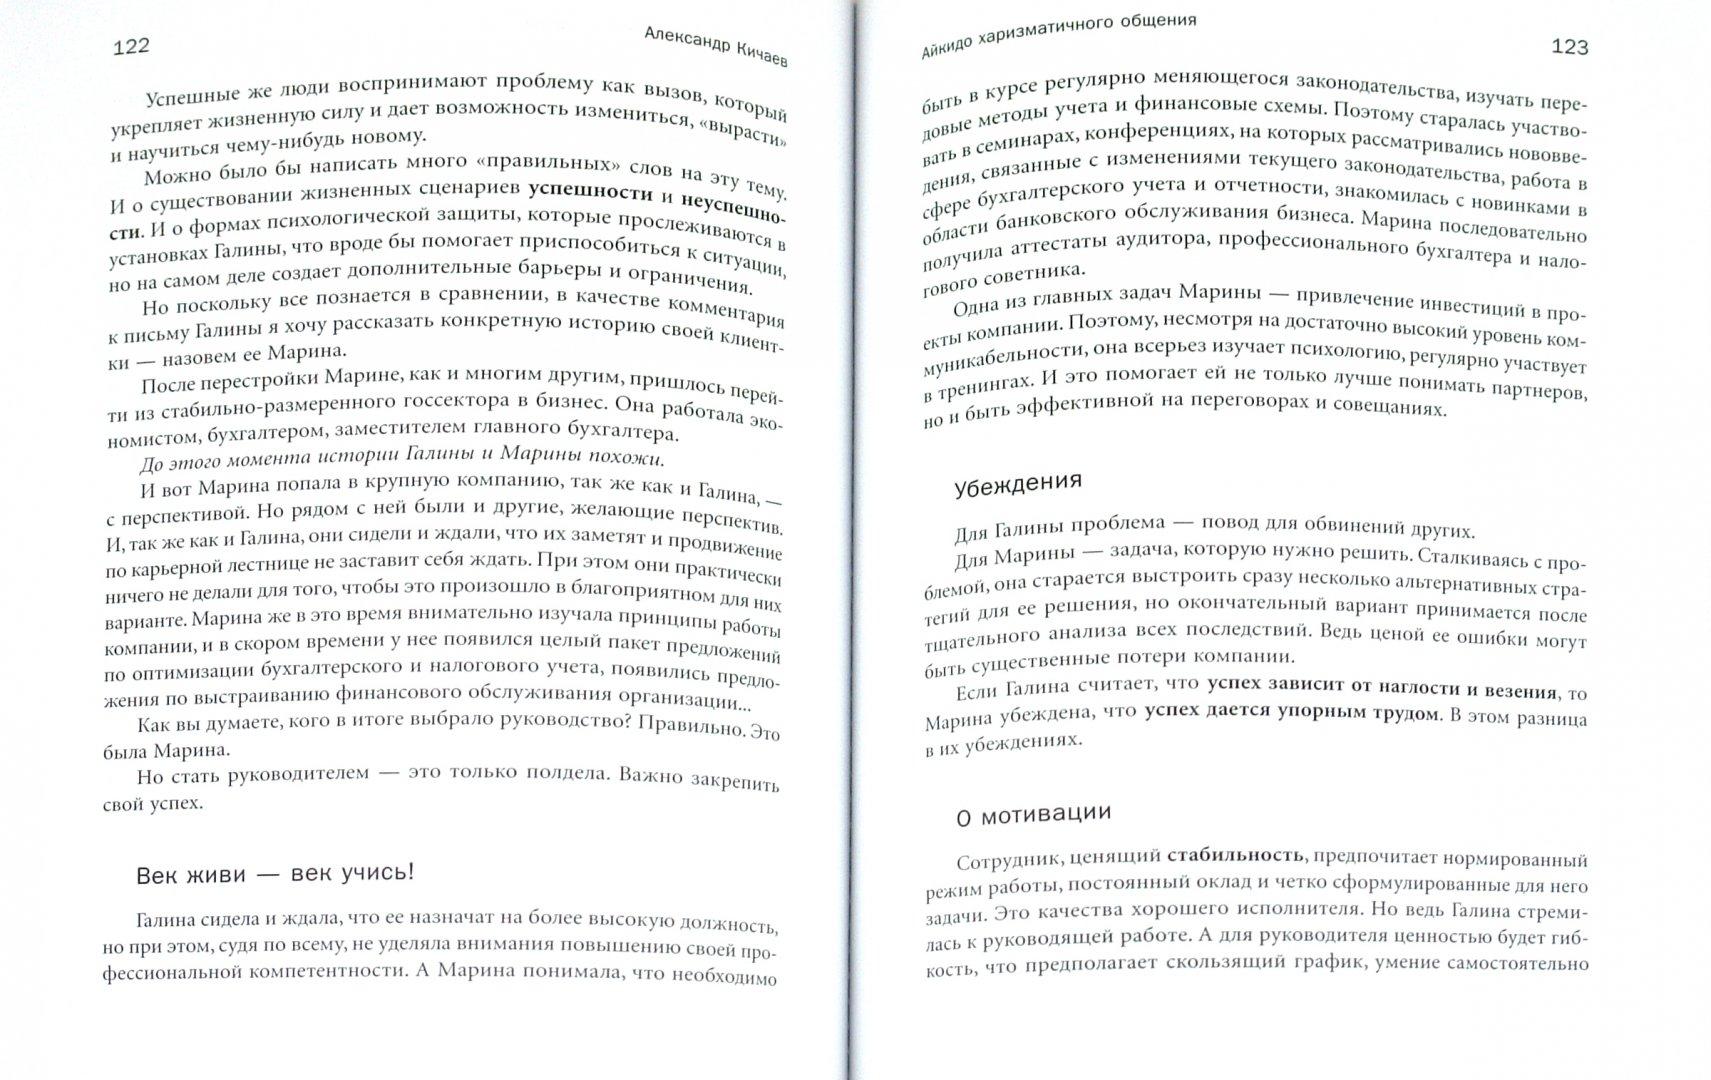 Иллюстрация 1 из 11 для Айкидо харизматичного общения. Как управлять энергией мысли, тела, дела, судьбы - Александр Кичаев | Лабиринт - книги. Источник: Лабиринт